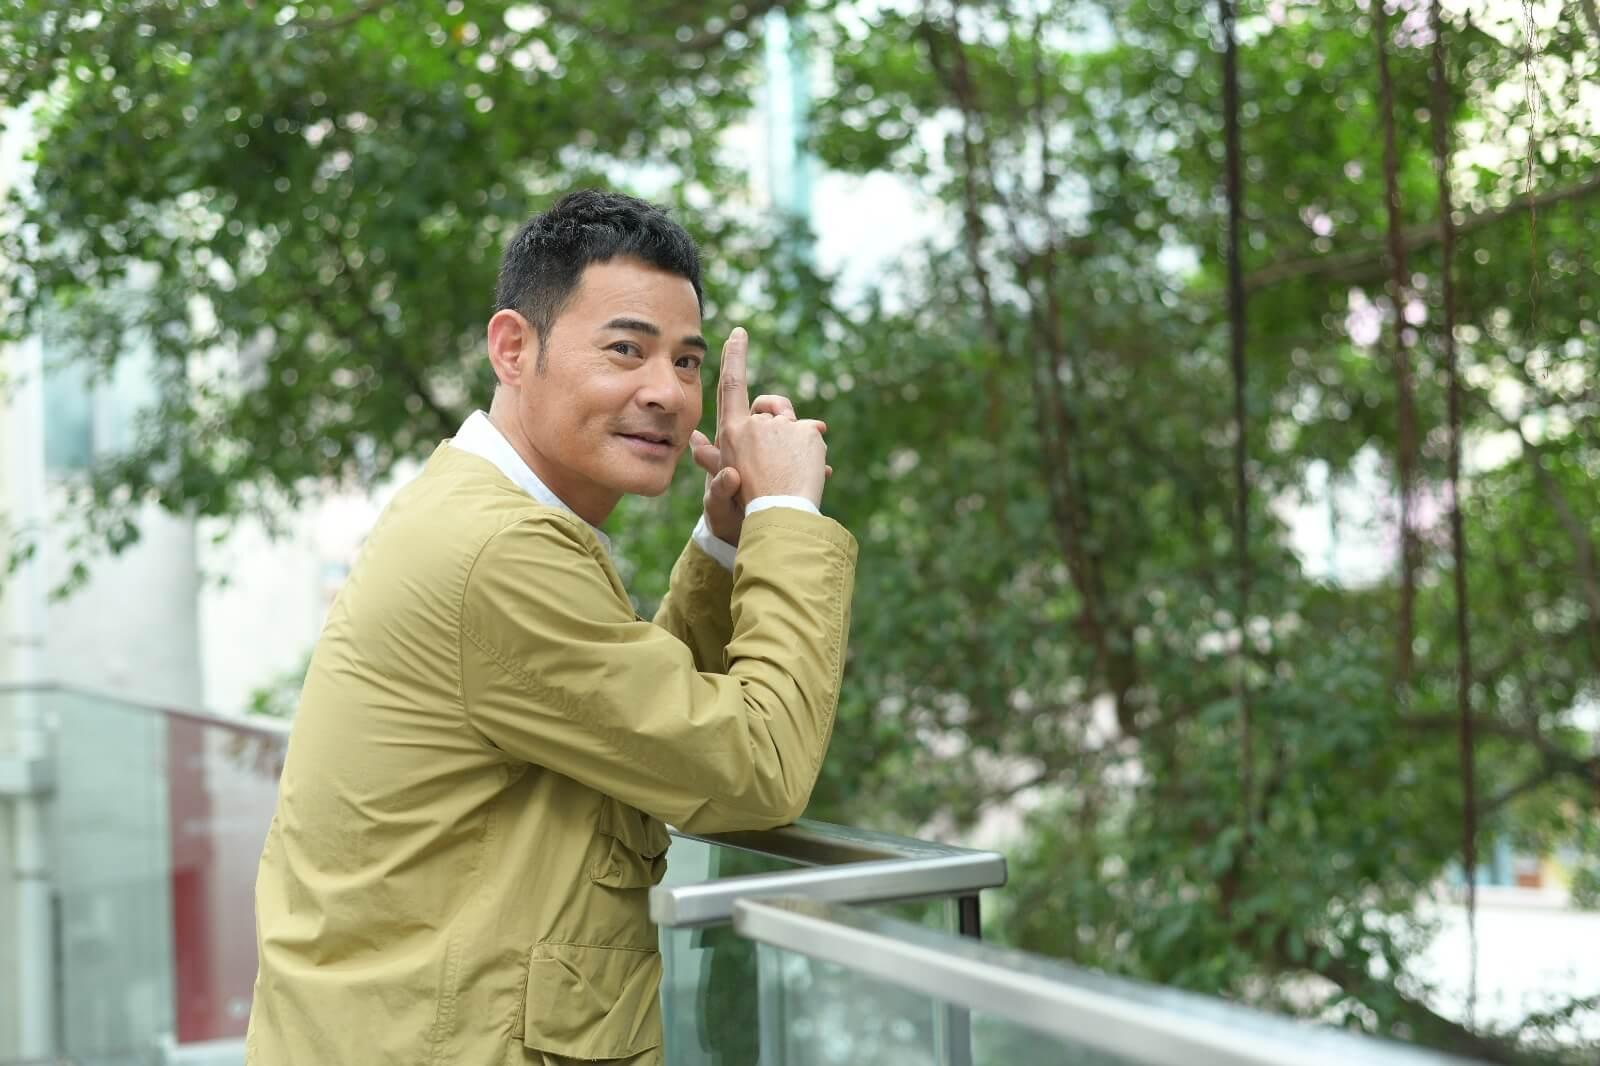 黃智賢去年暫停了拍劇,趁着假期陪伴太太,享受家庭樂。